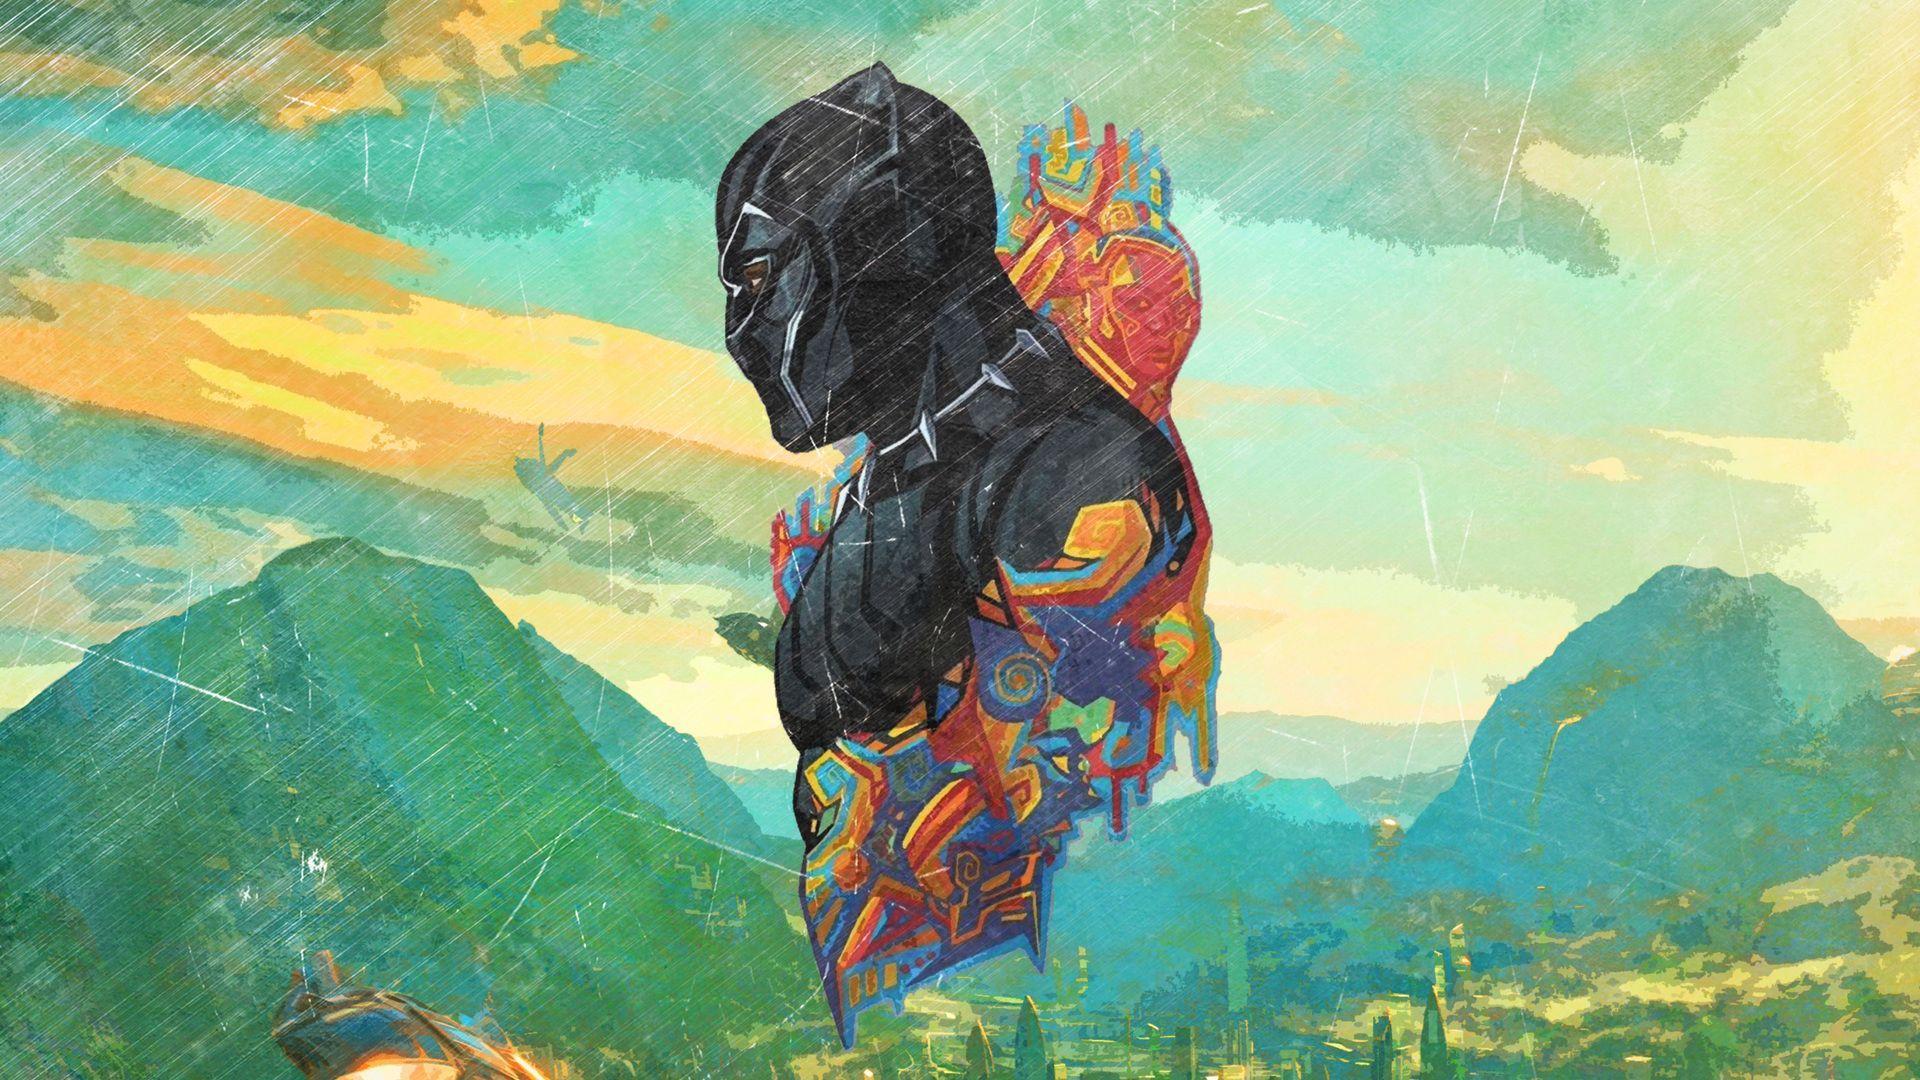 Black Panther Laptop Wallpapers - Top Free Black Panther Laptop